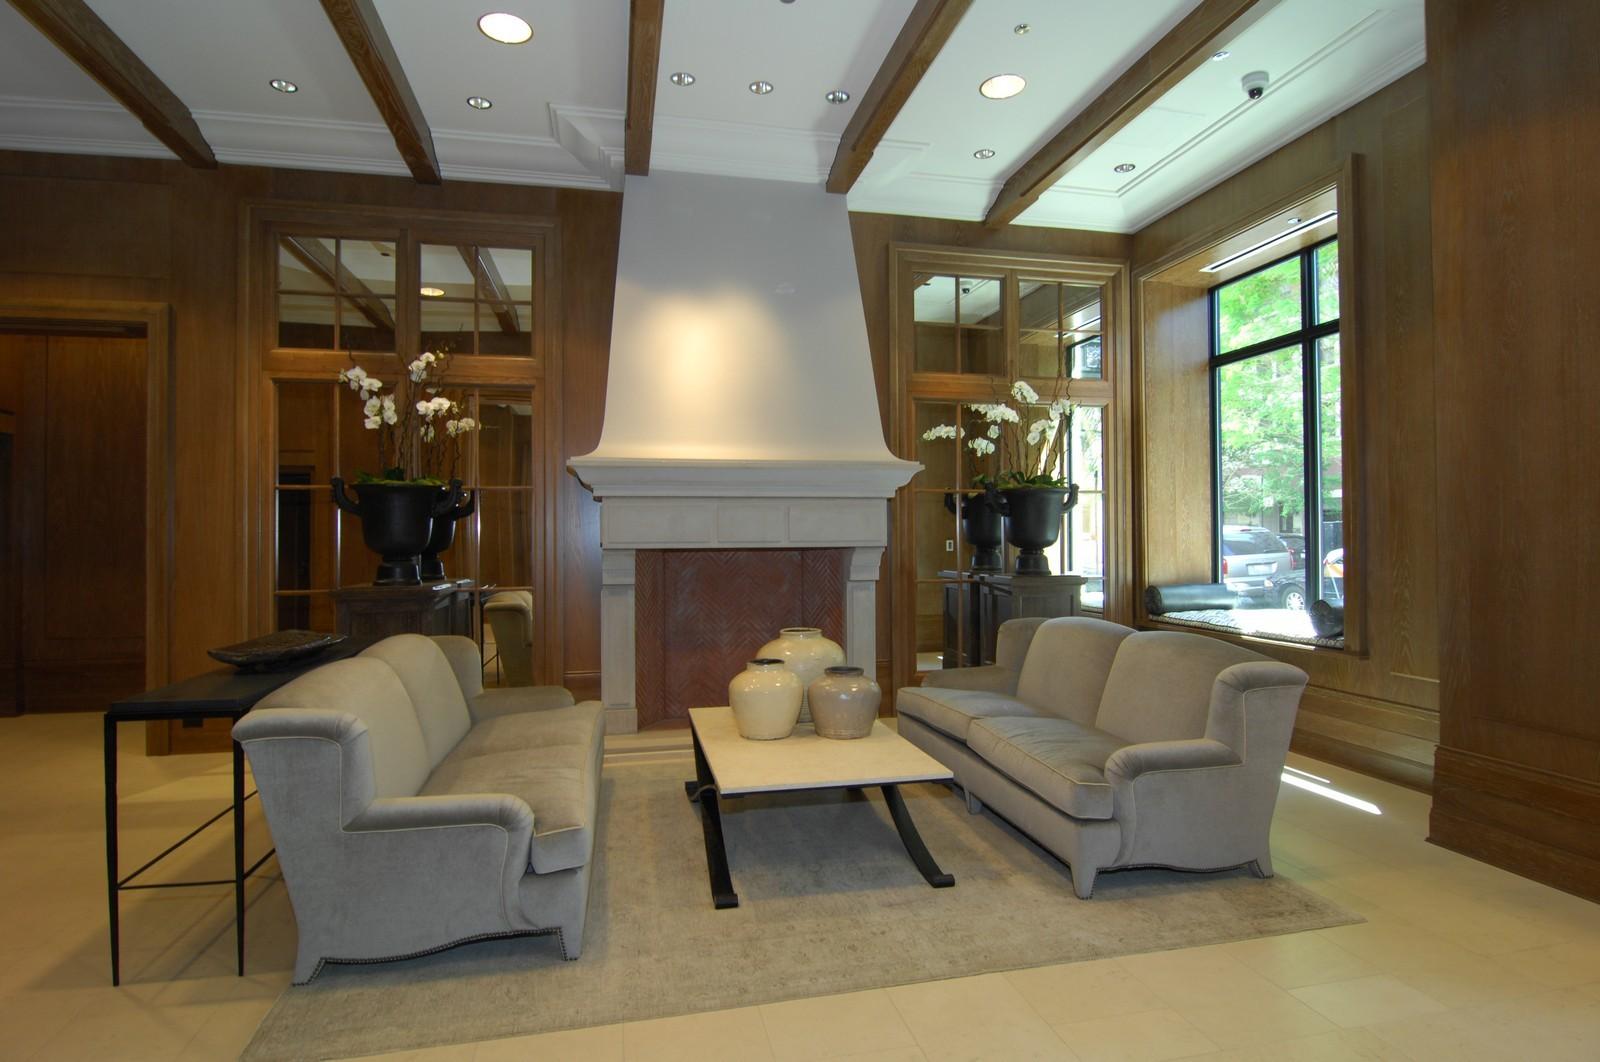 Real Estate Photography - 10 E Delaware Ave, Chicago, IL, 60610 - Location 2